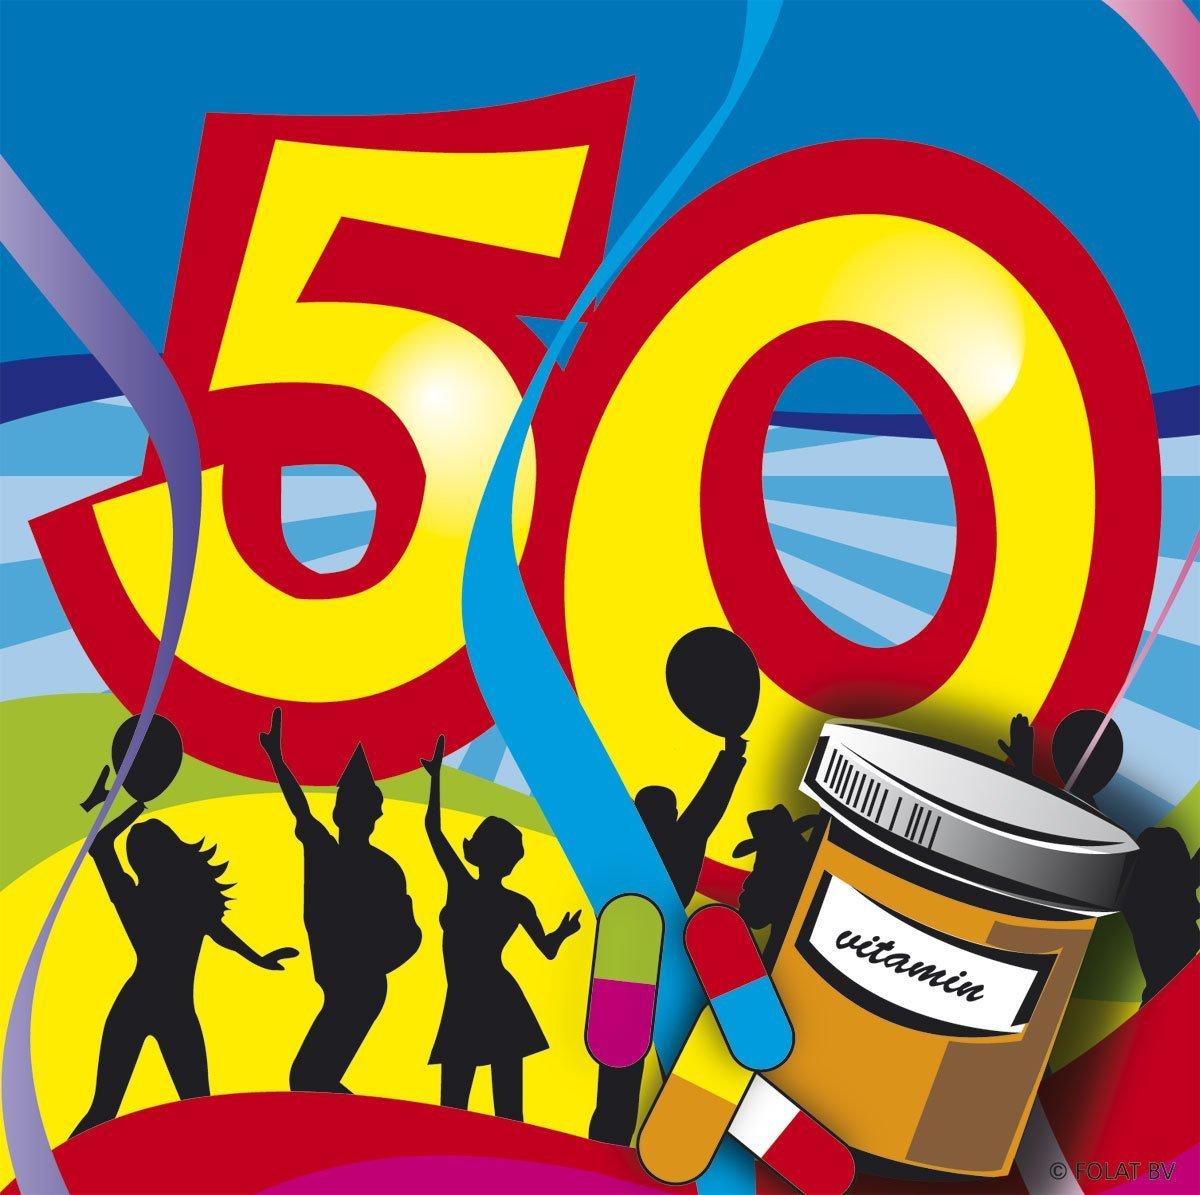 50.Geburtstag Party Servietten bunt von Folat 25 x 25 cm